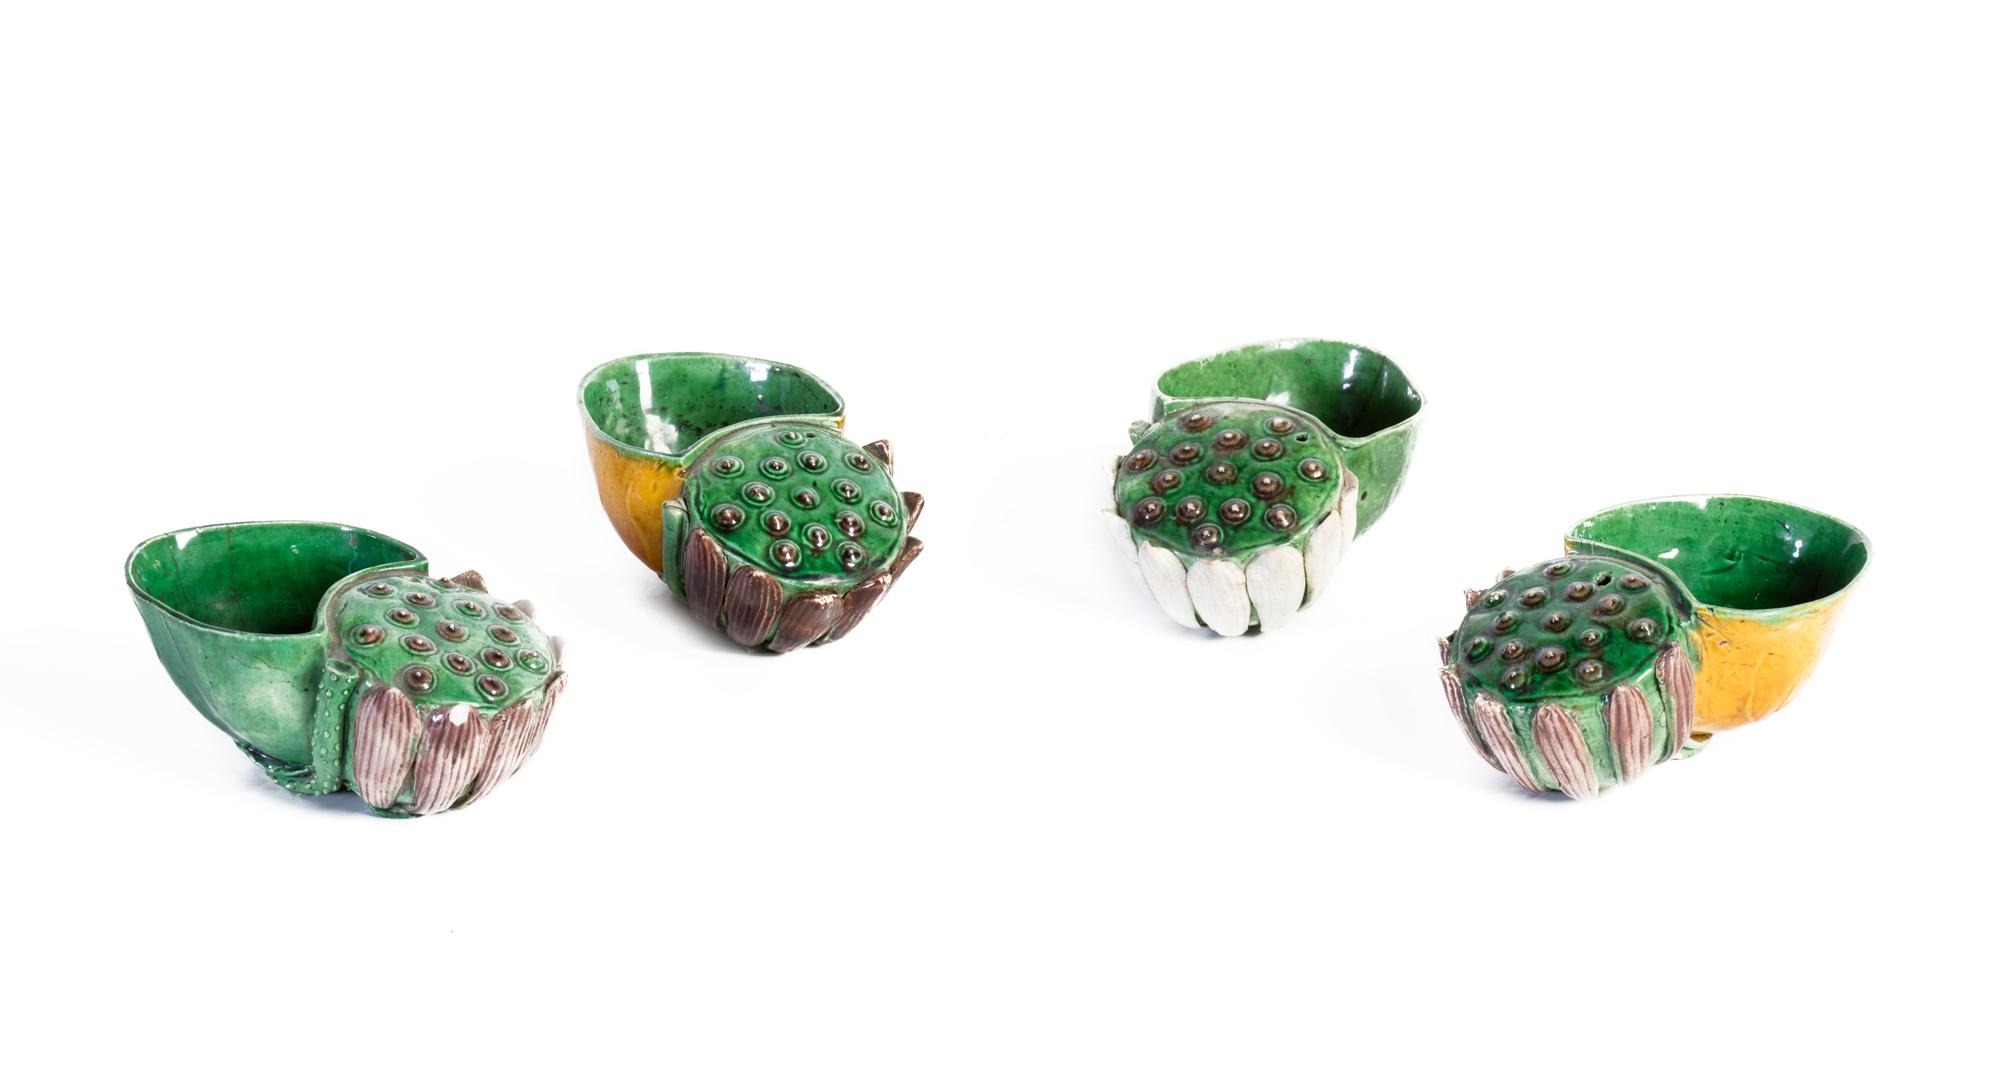 Quattro sciacquapennelli in porcellana a smalto verde e ocra, a forma di fiori di loto, Cina, epoca Kangxi